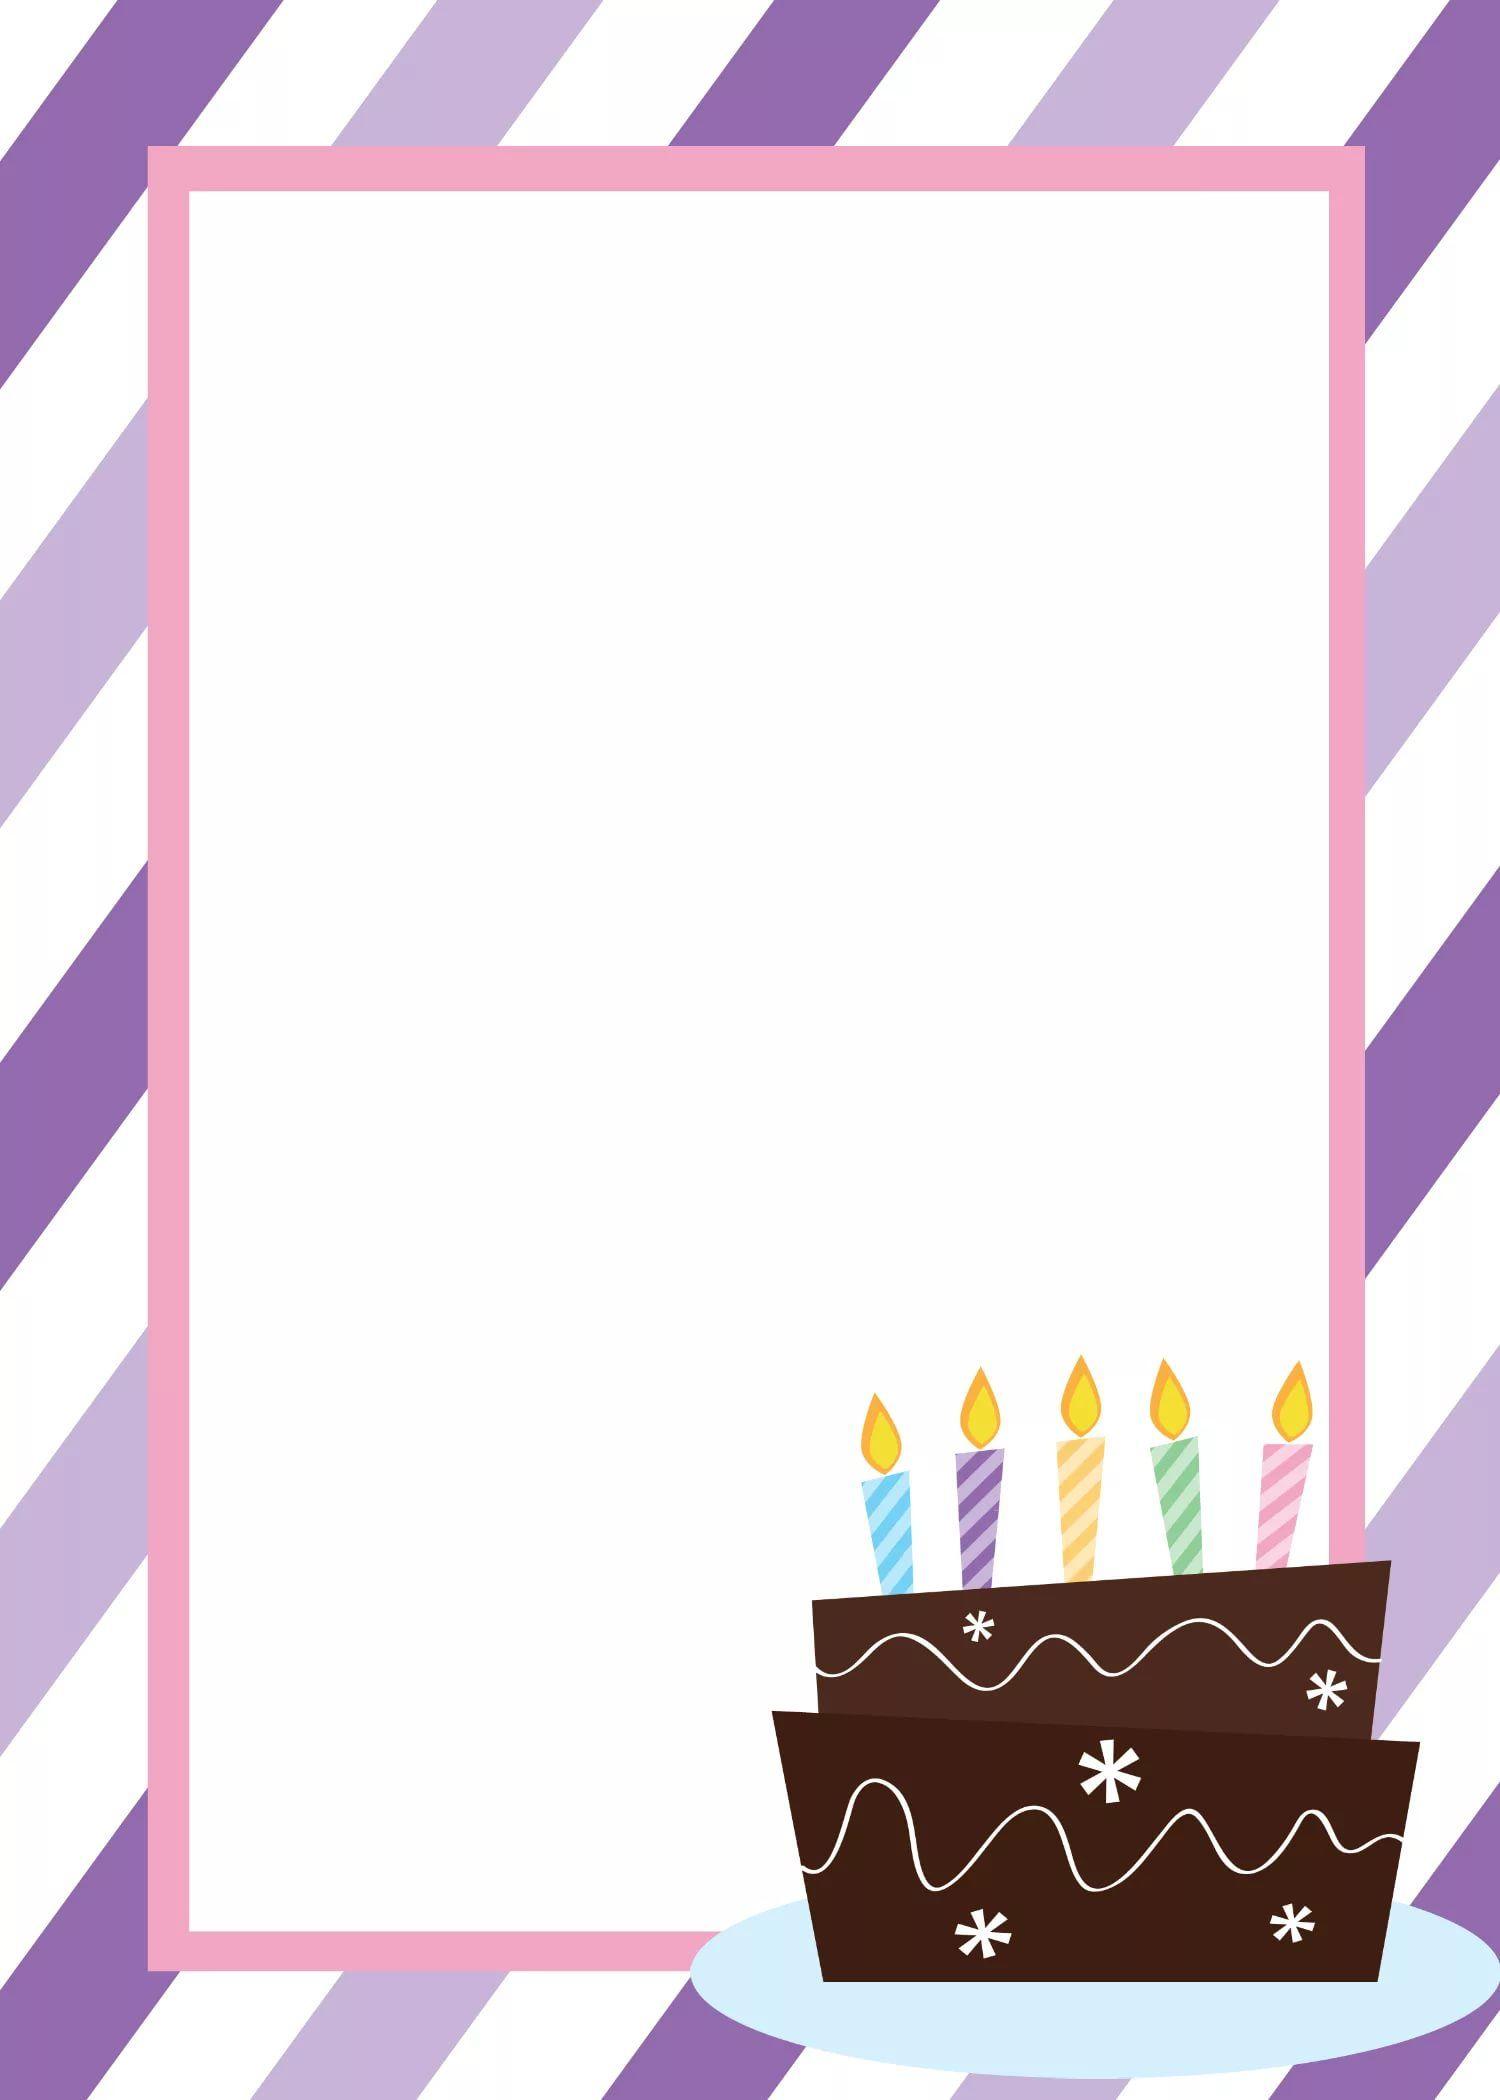 приглашения на день рождения шаблоны образцы для печати: 3 ...